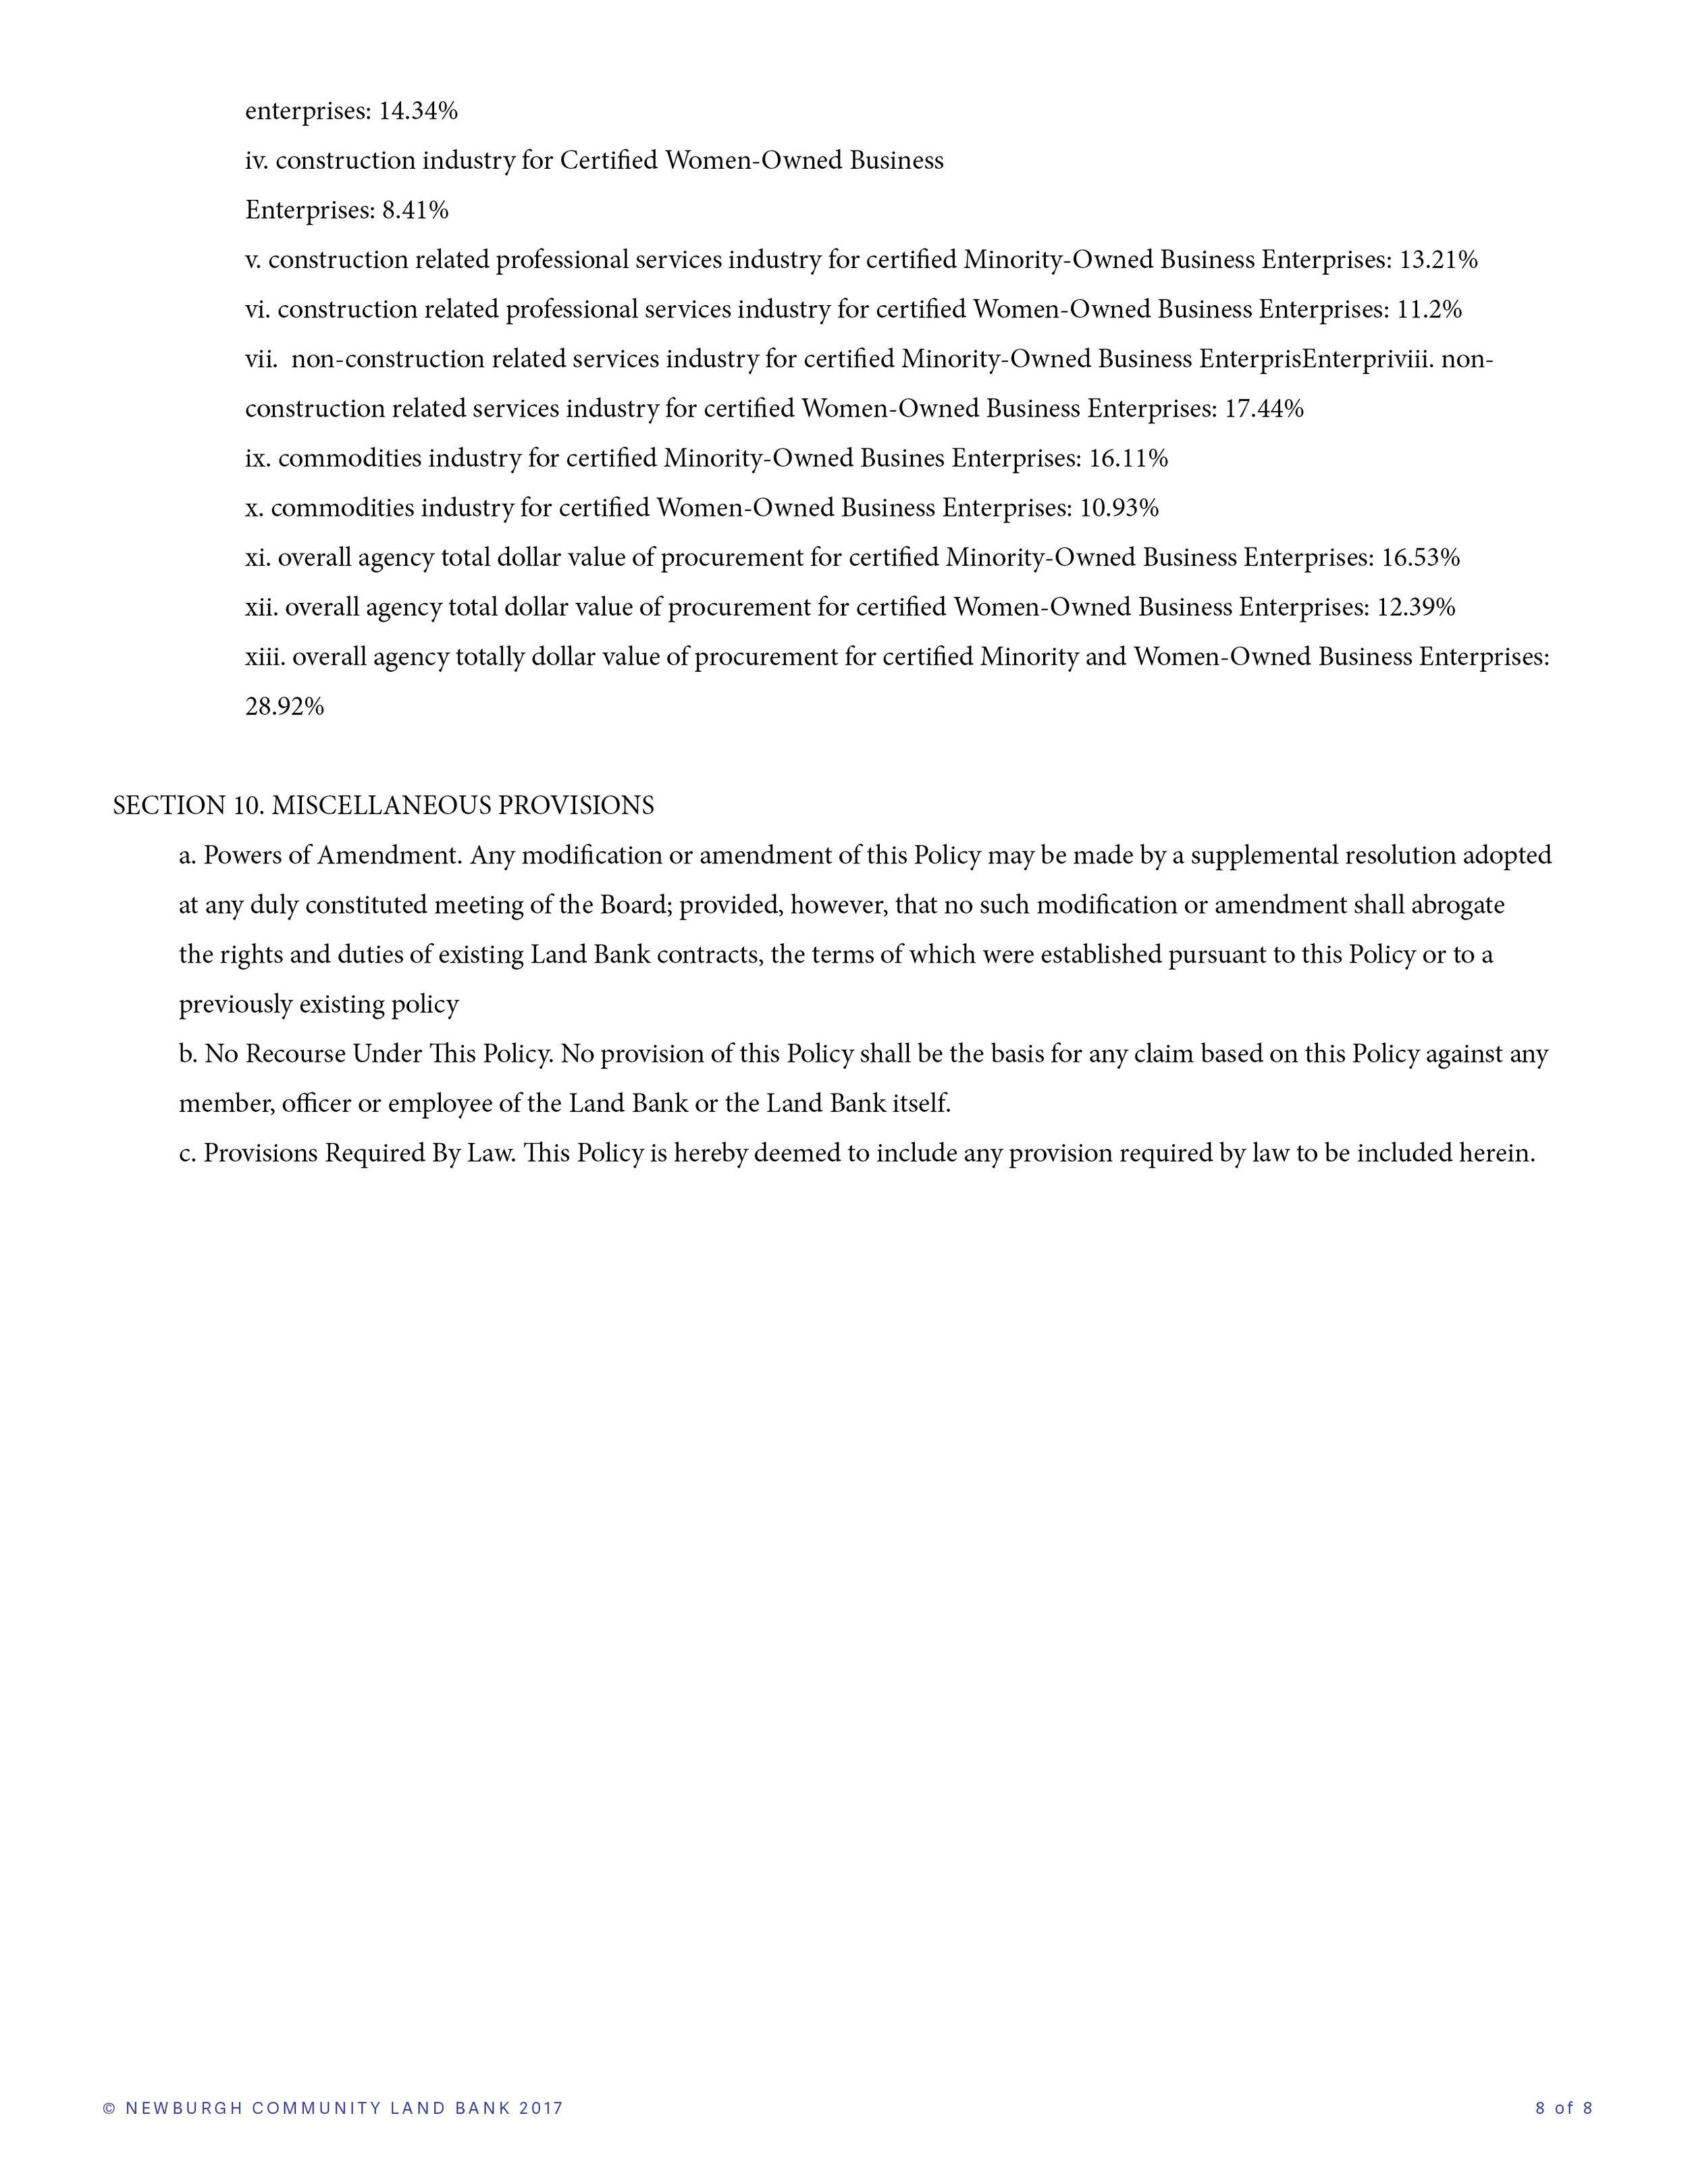 NCLB Procurement Policy8.jpg